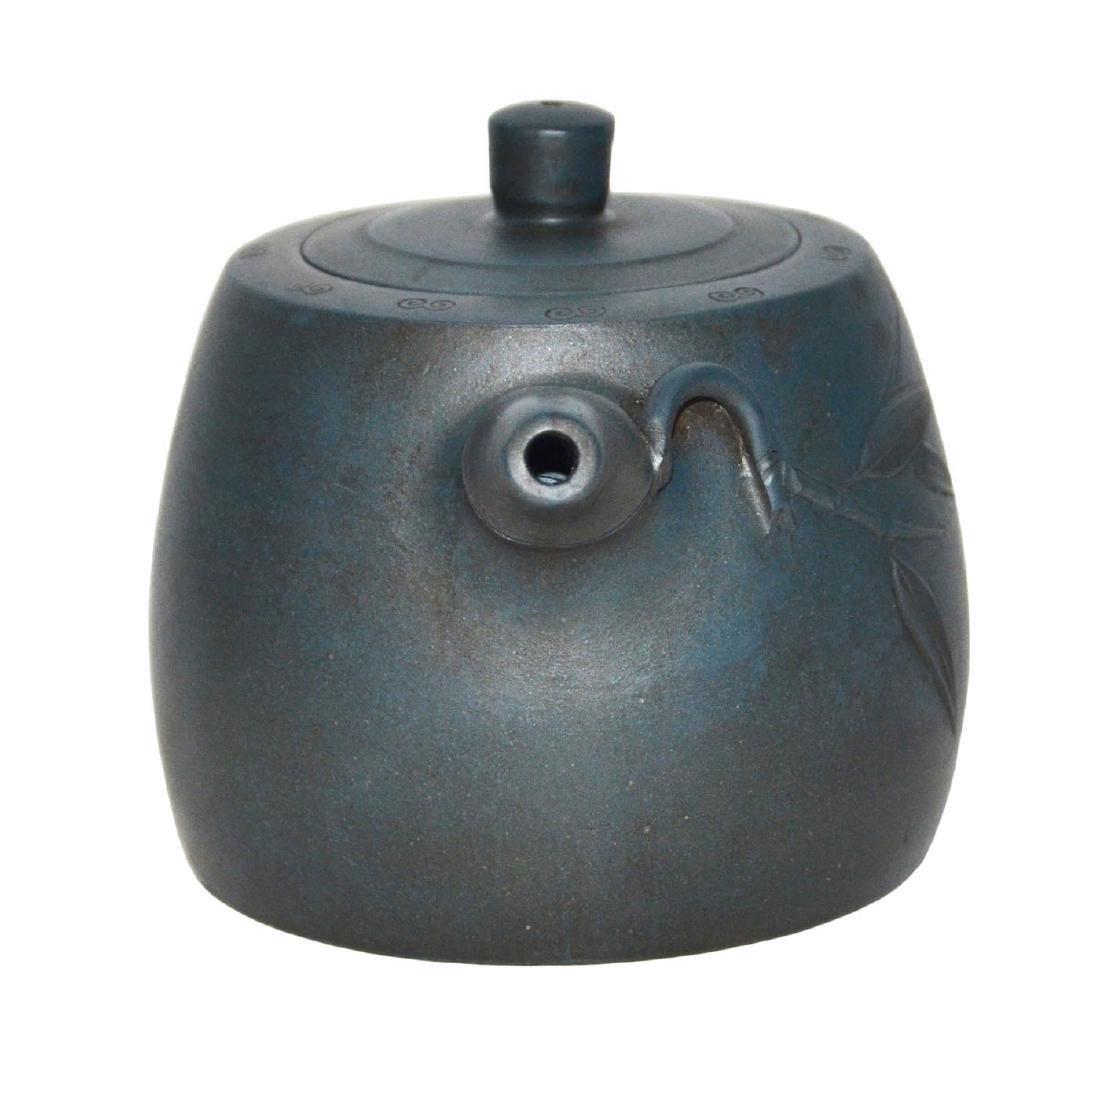 Gu Jingzhou, Teal-Blue Square Yixing Zisha Teapot - 3